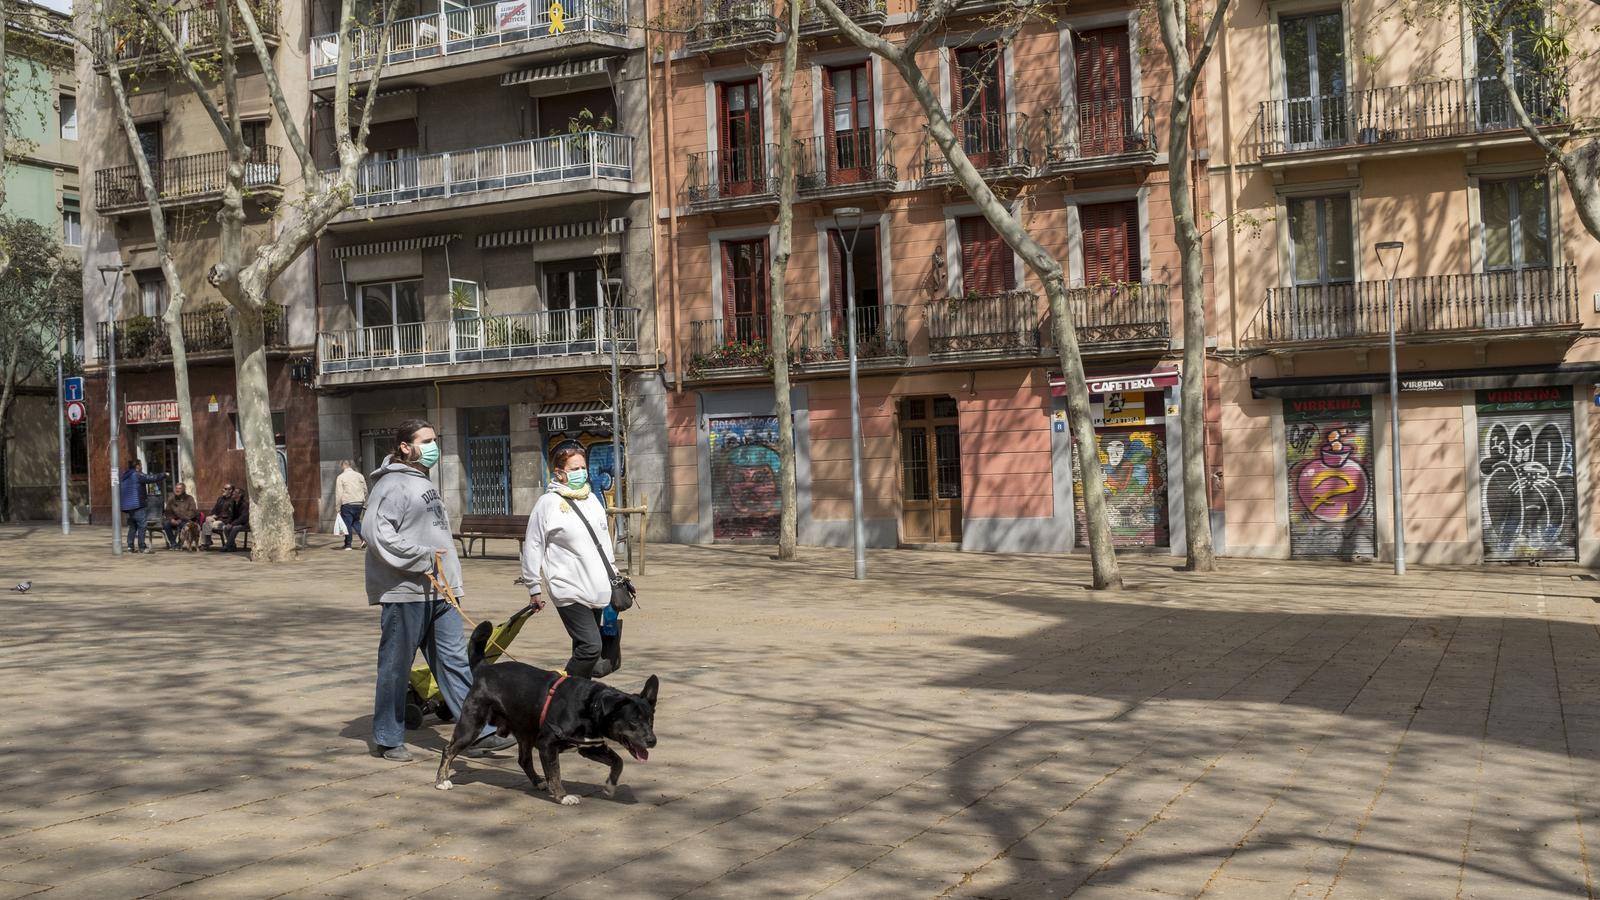 Dues persones passejant el gos a la plaça de la Virreina de Barcelona, amb els comerços tancats